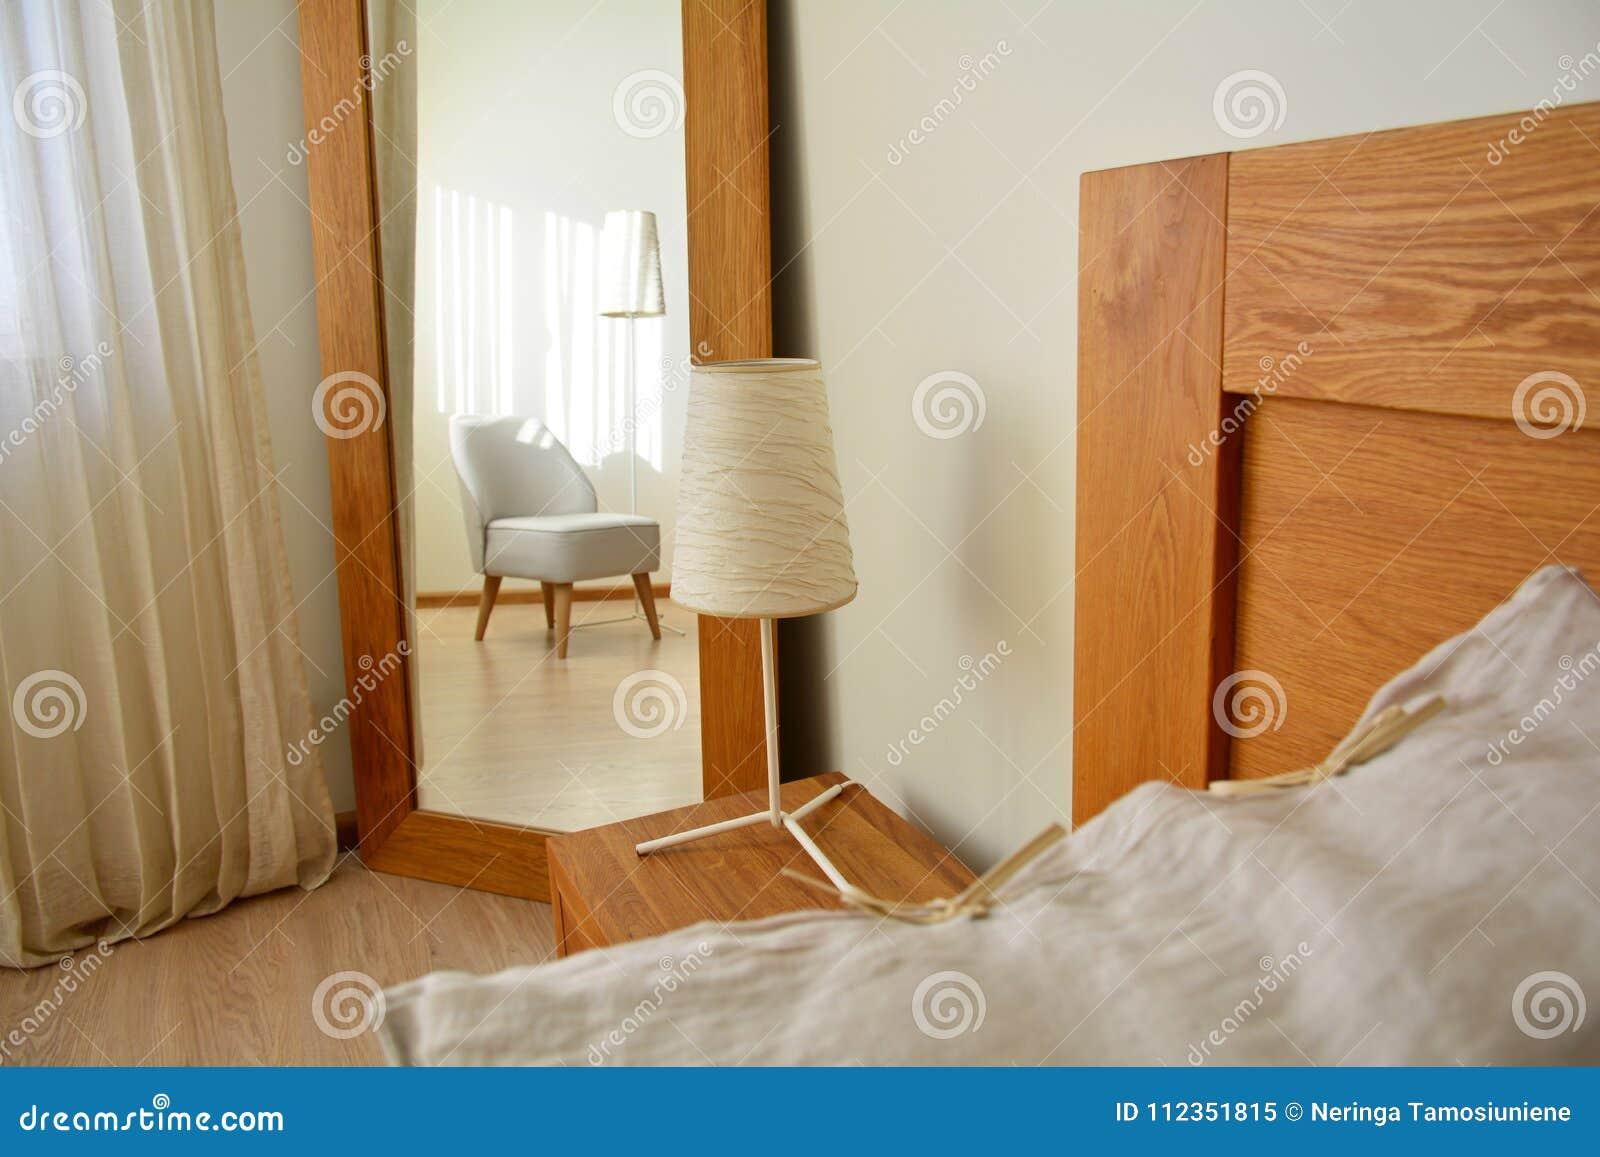 Camera Da Letto Legno Naturale : Illuminazione camera da letto u guida idee per illuminare al